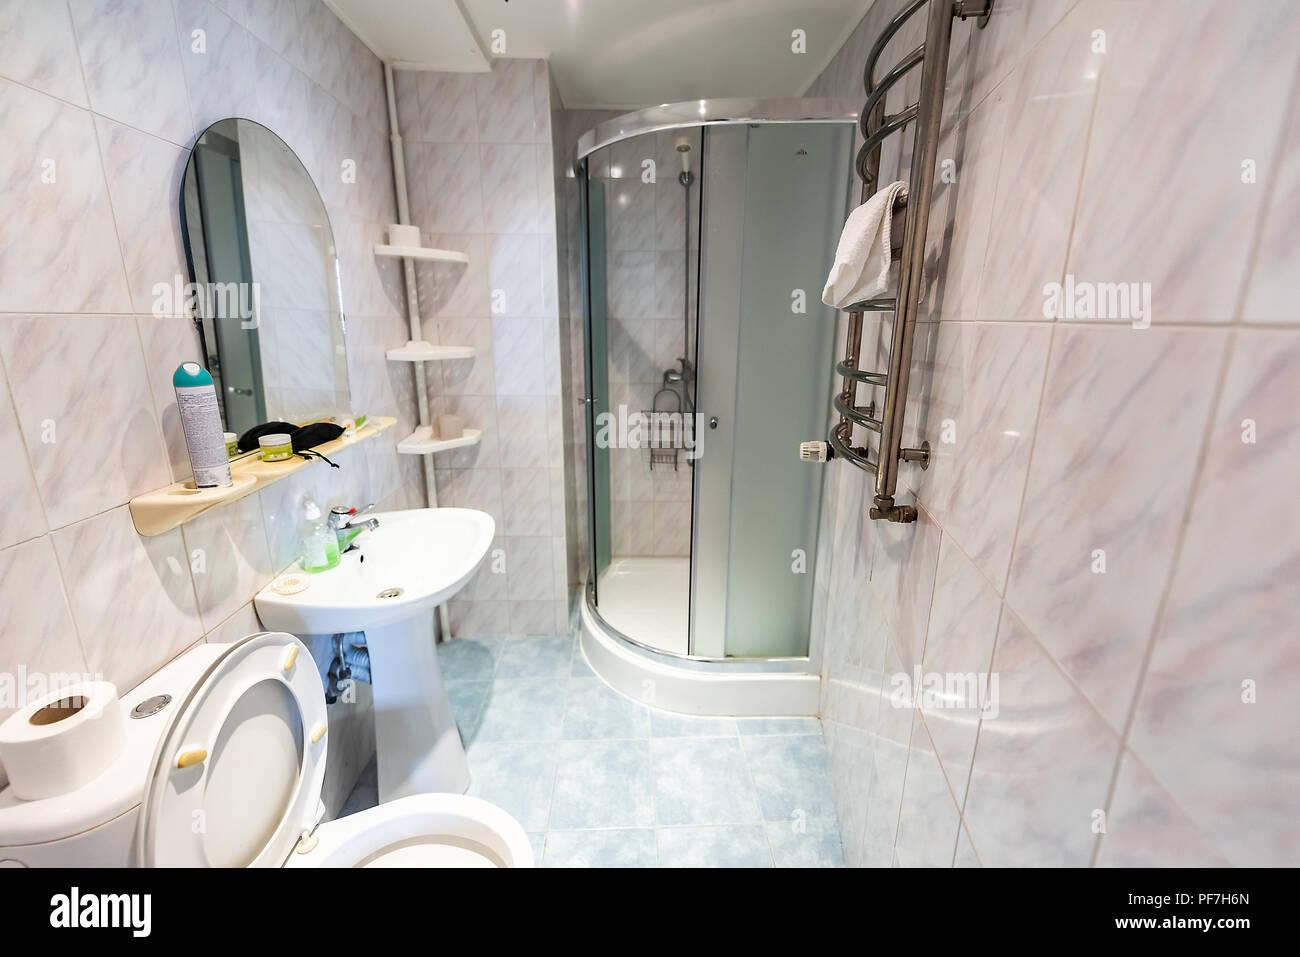 Nouveau Modele De Mise En Scene Propre Maison Appartement Ou Hotel Hostel Guesthouse Salle Bains Baignoire Douche A Lancienne Europe